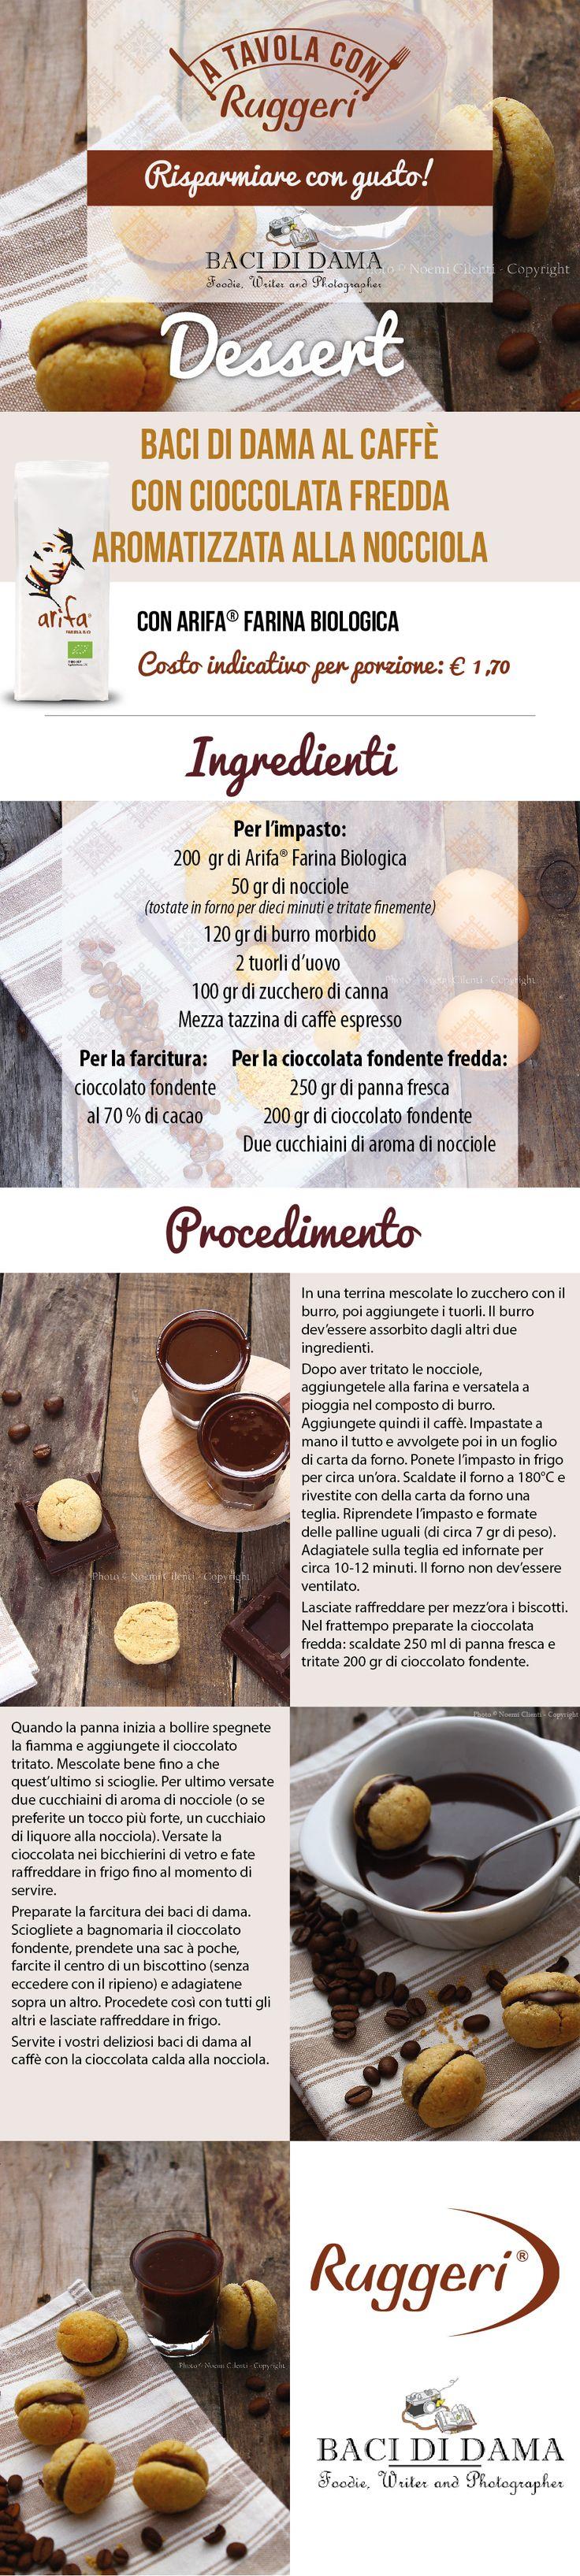 Ricetta per baci di dama al caffè con cioccolata fredda aromatizzata alla nocciola. Prodotti Ruggeri utilizzati: Arifa Farina Biologica Ruggeri. http://www.ruggerishop.it/it/  http://www.bacididama-blog.com